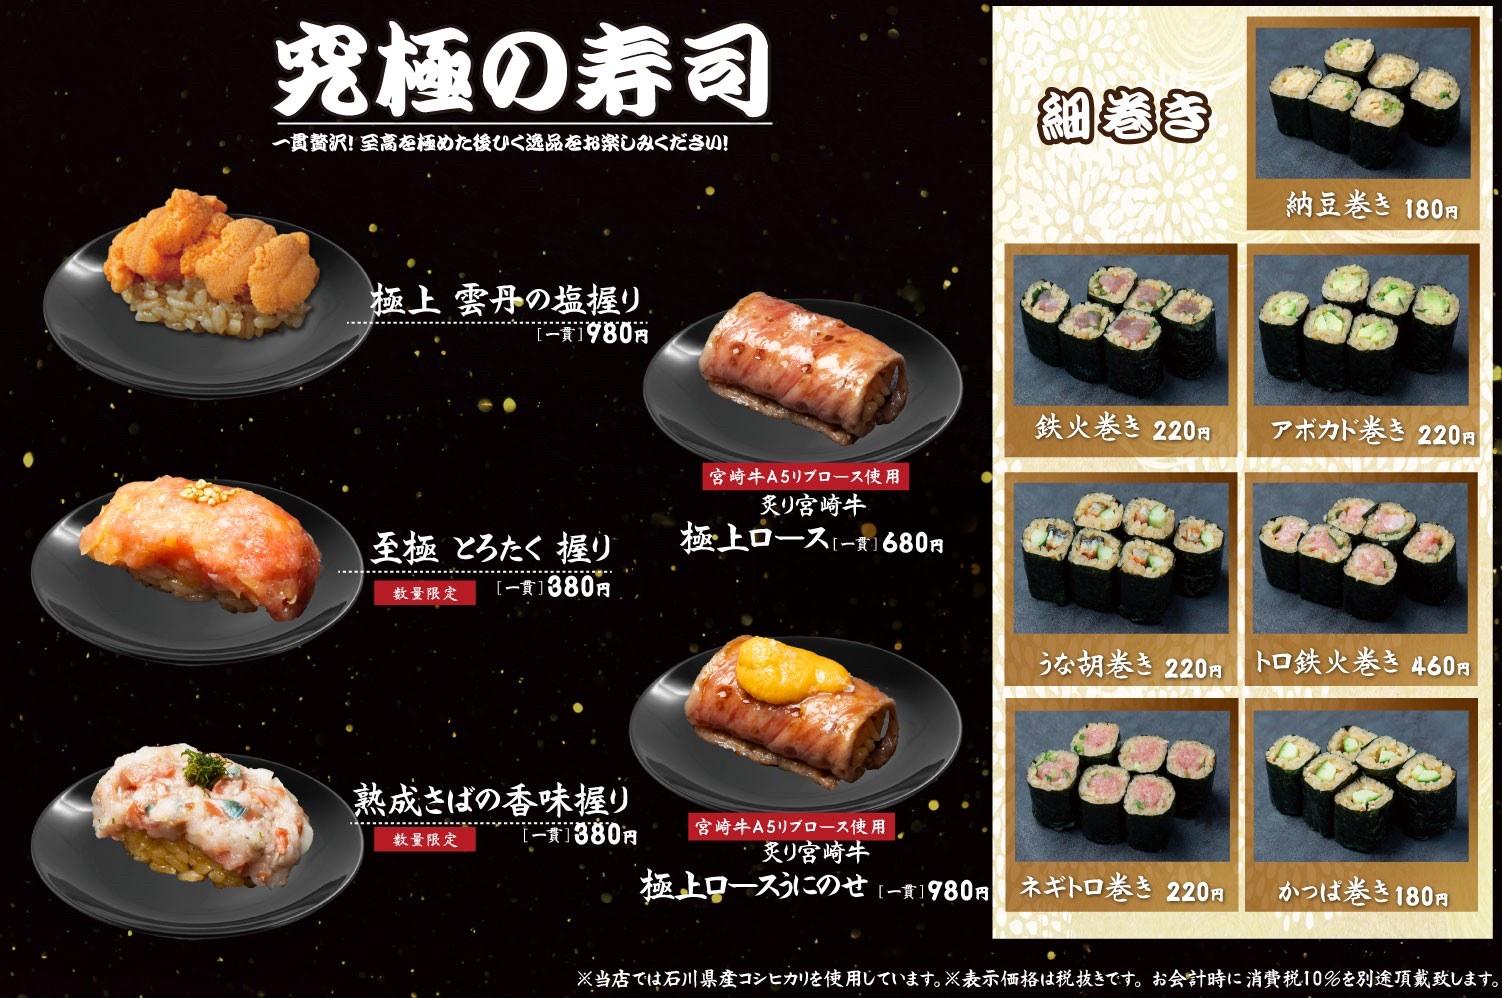 究極の寿司